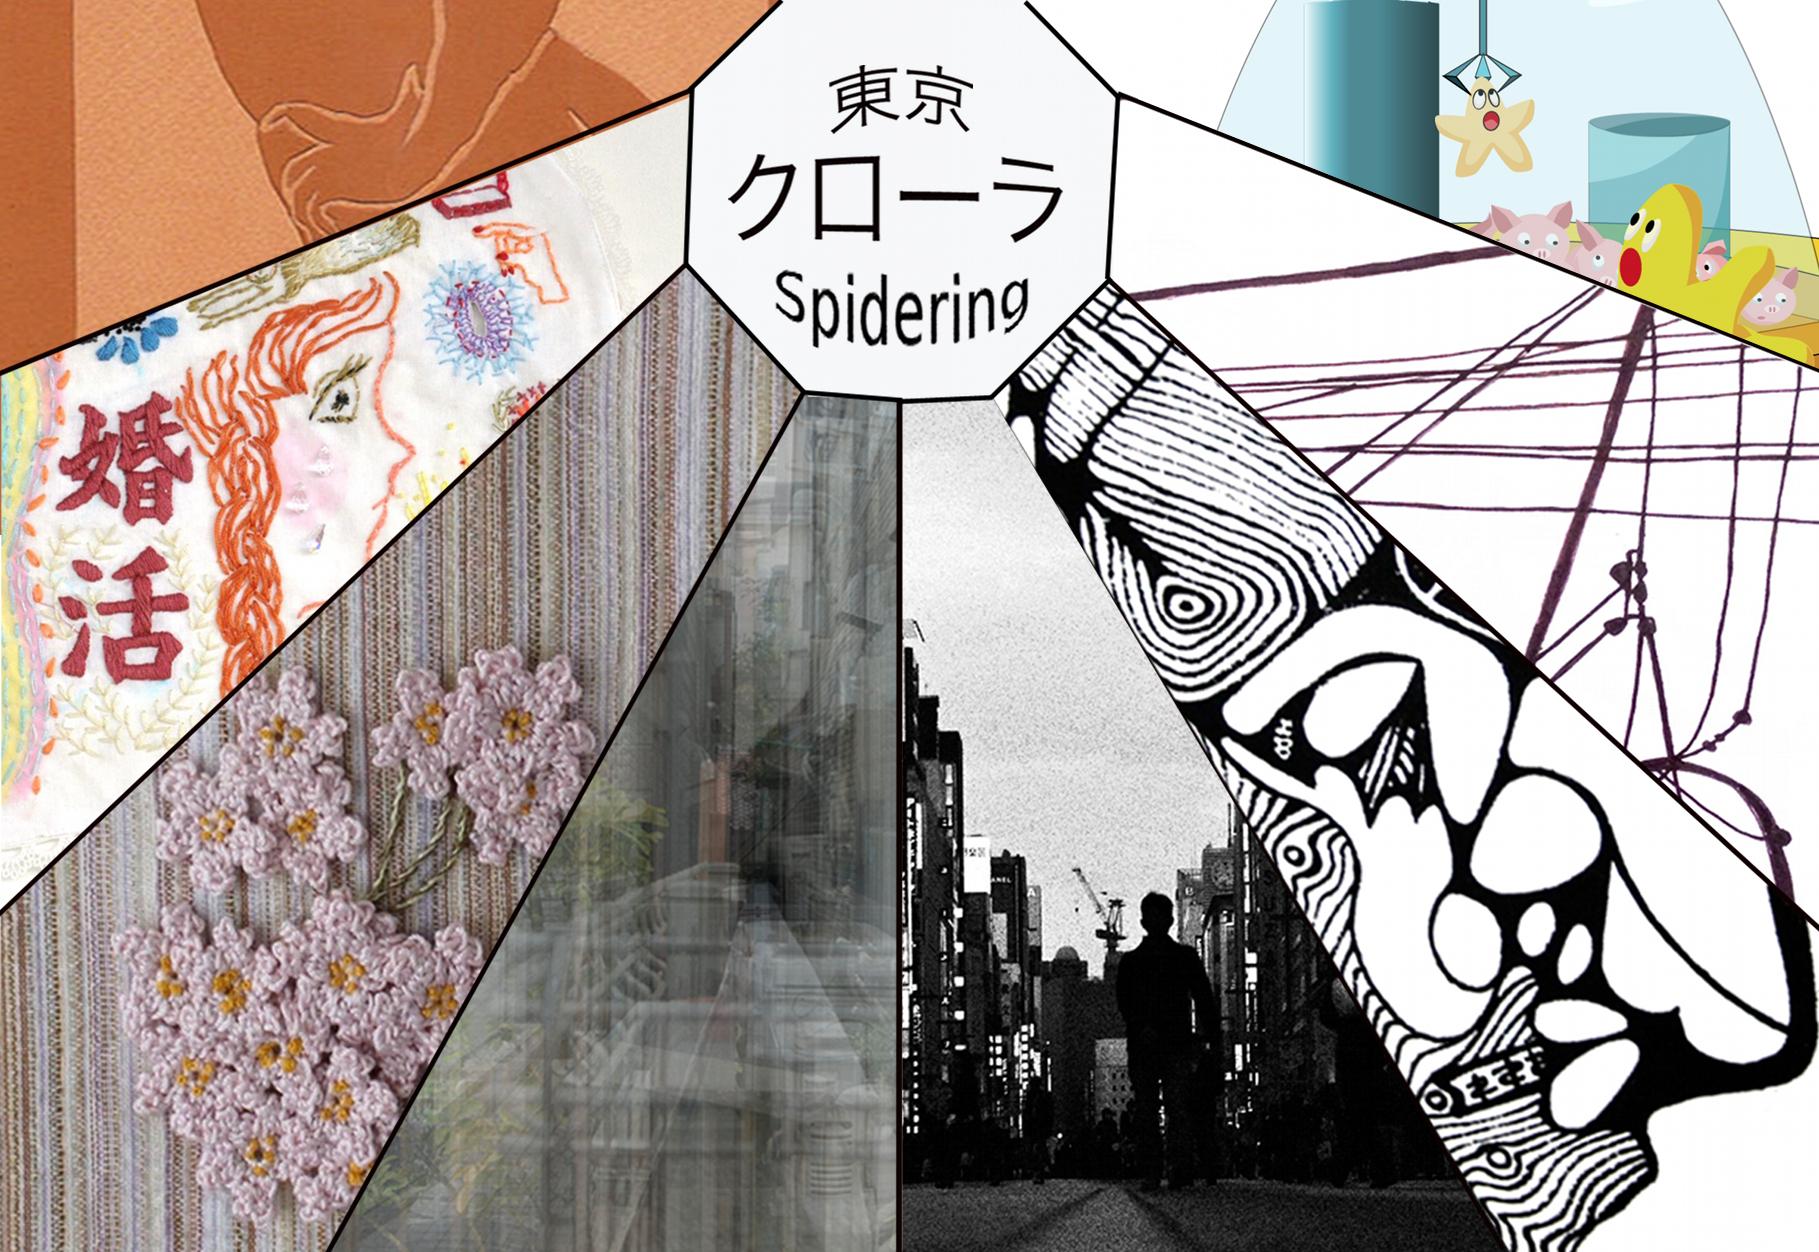 Tokyo Spidering DM